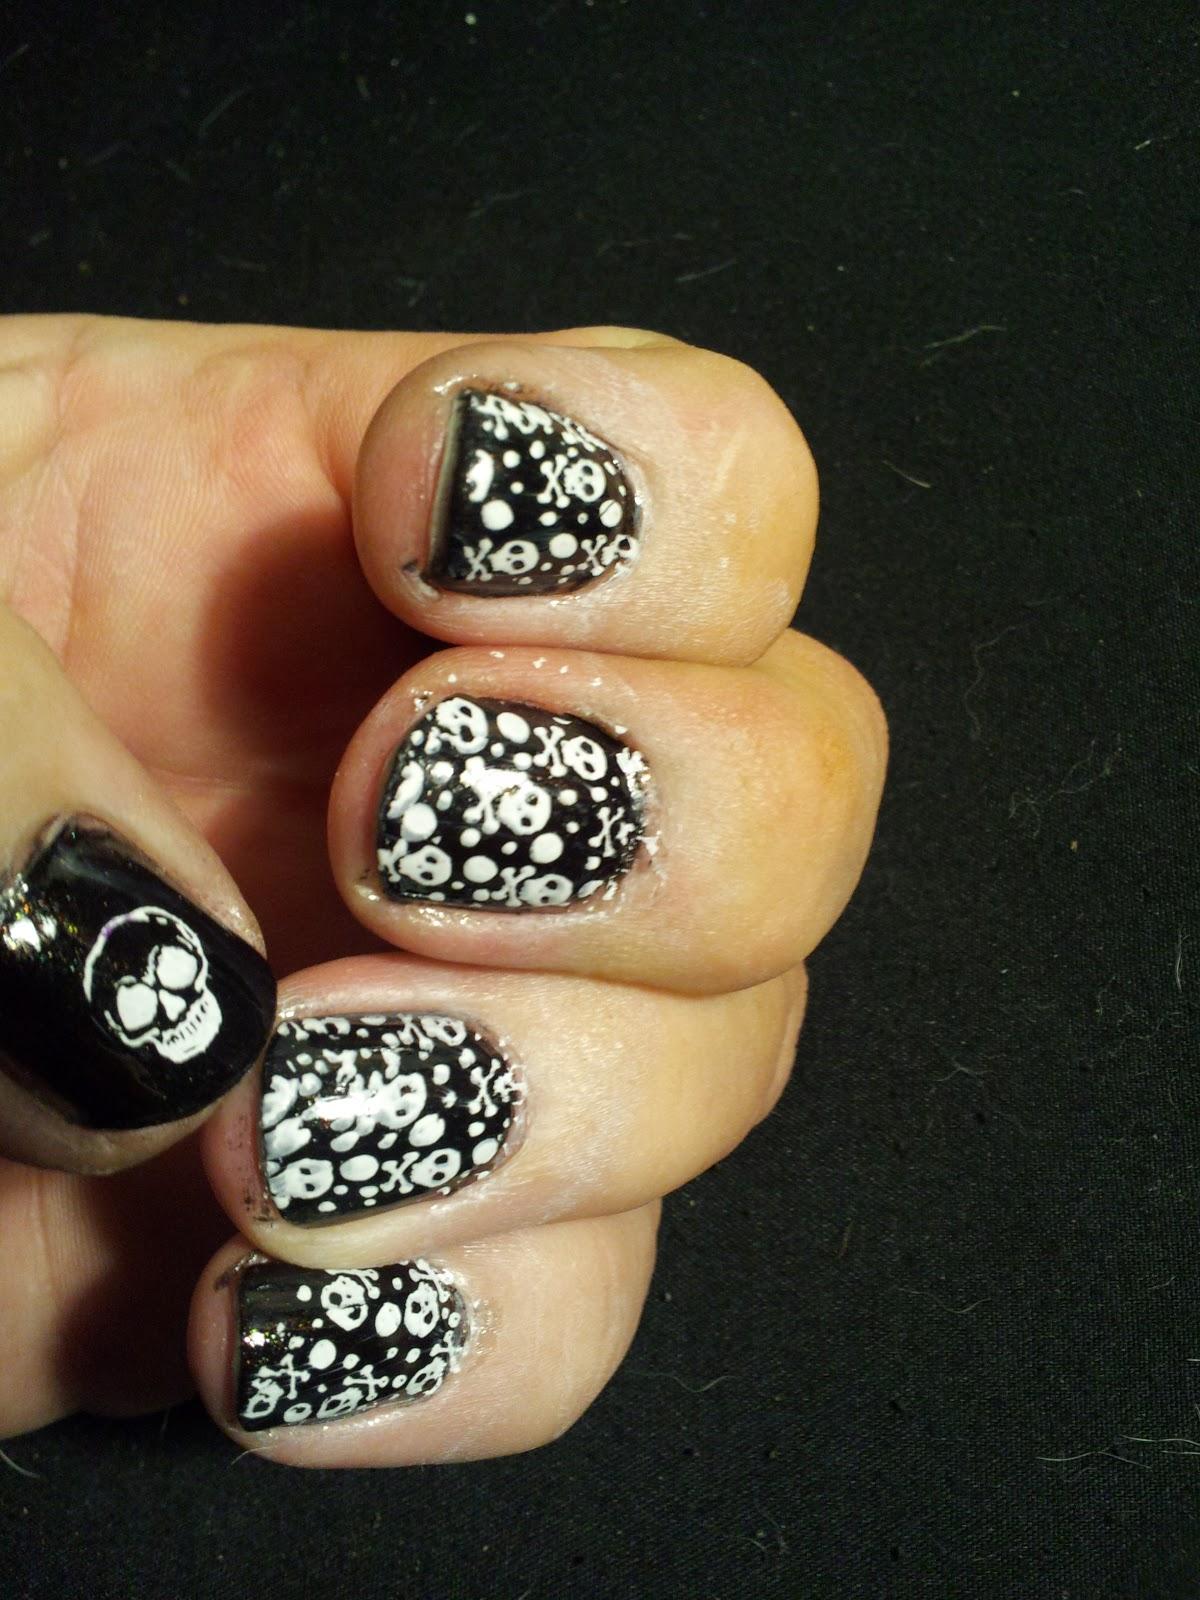 Men and nail polish: Long Nails to nubs